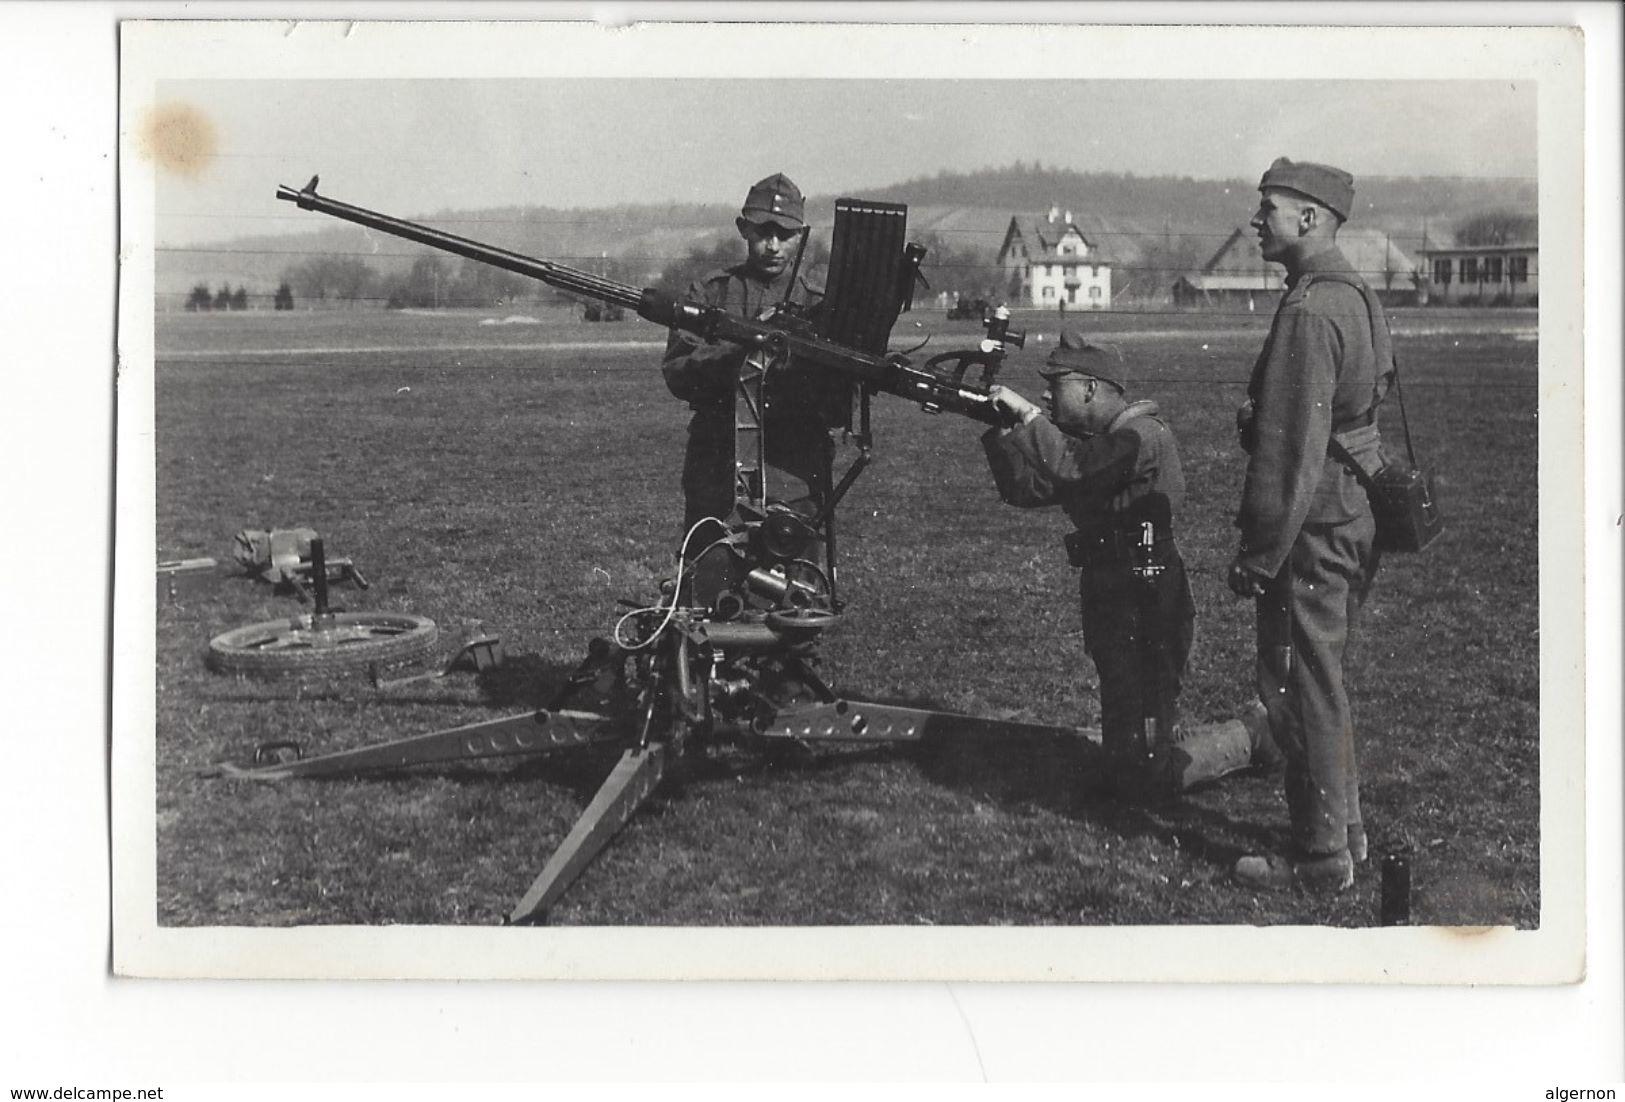 17235 - Armée Suisse 1938 Soldats Mitrailleuse DCA Ecole De Recrue Kloten (Attention Bord Coupé Et Taches) - Casernes